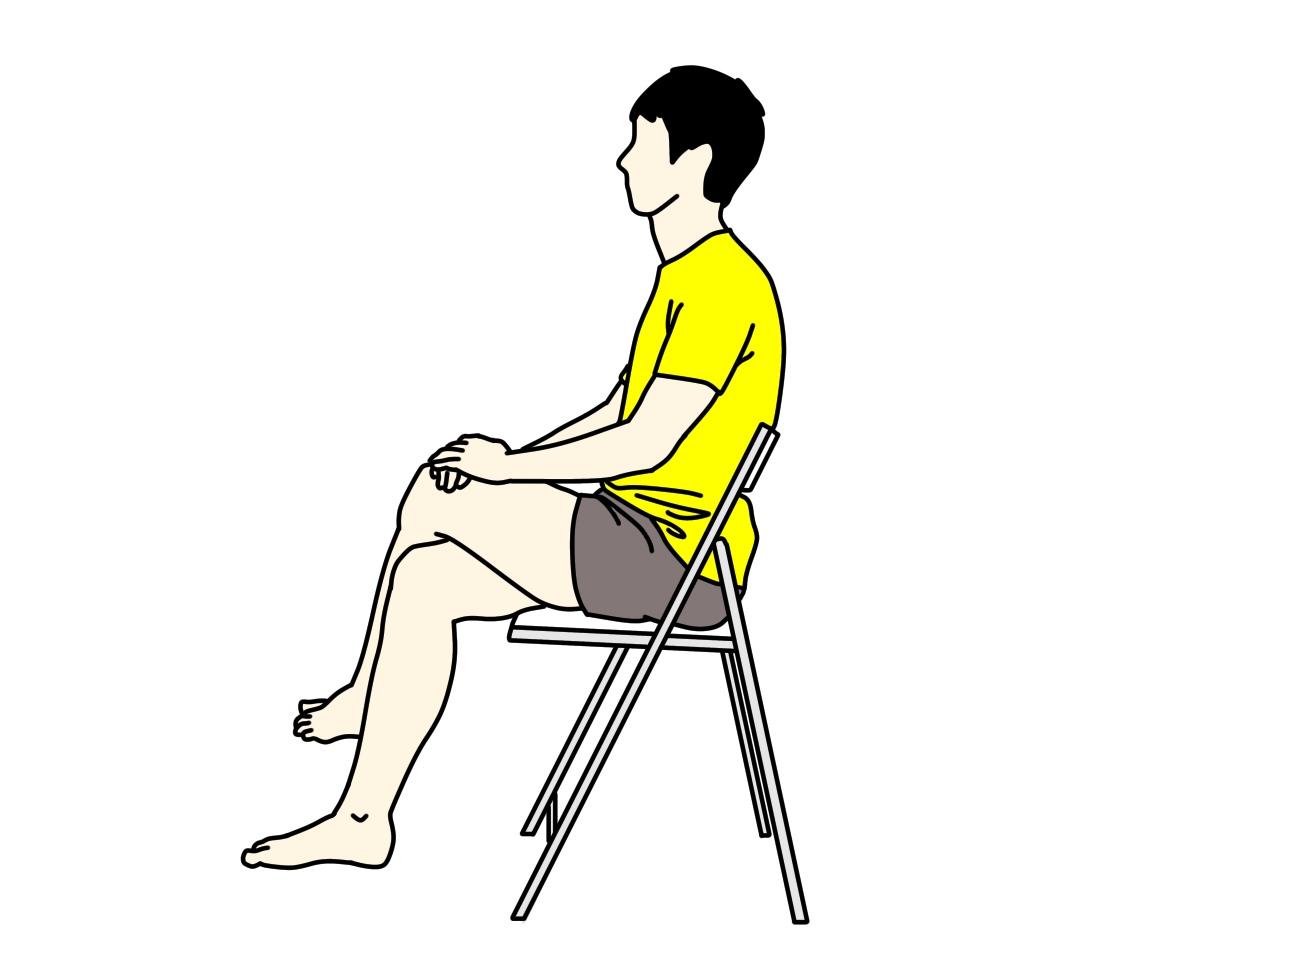 椅子に座った姿勢で行うお尻〜腰の筋肉のストレッチの方法1